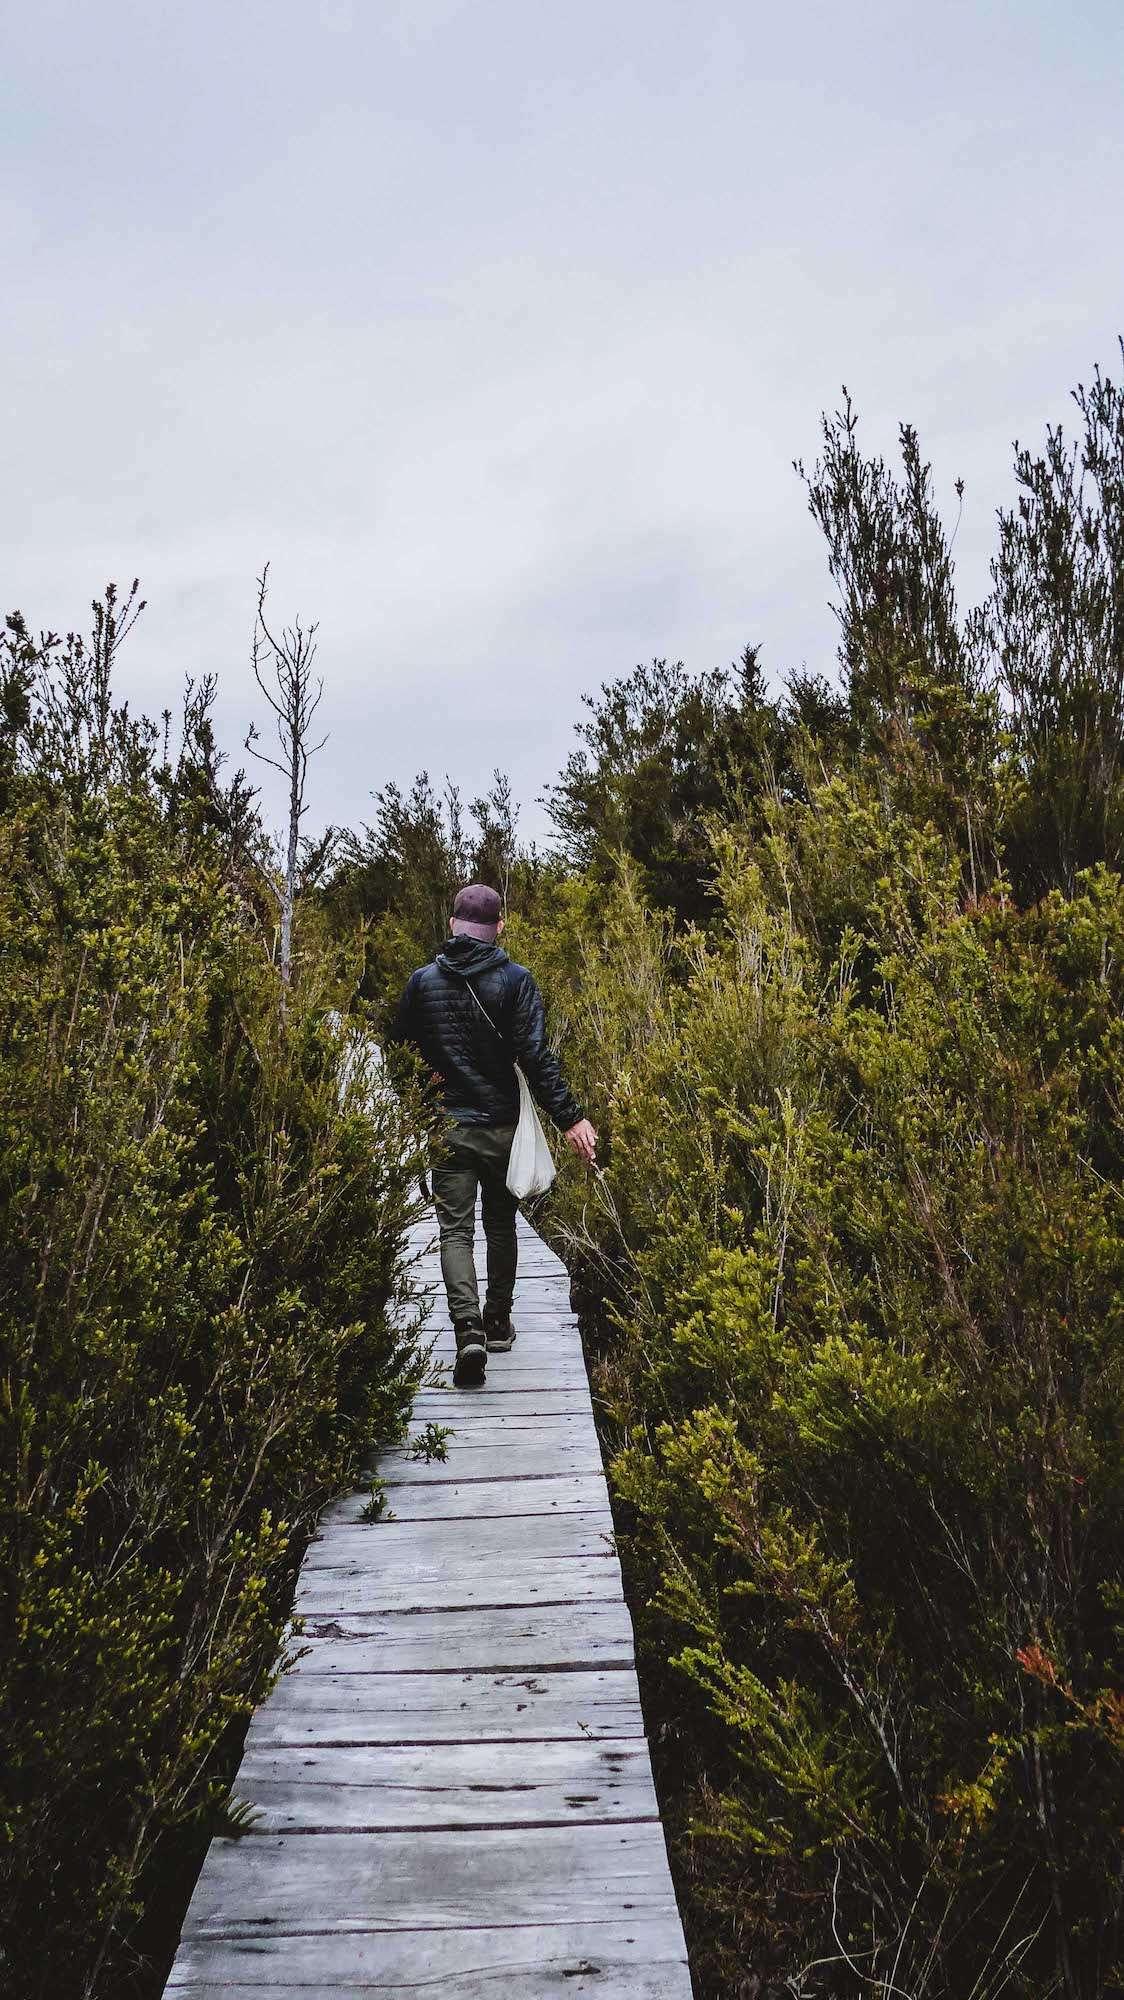 Balade sur les pontons de bois du Parc National de Chiloé